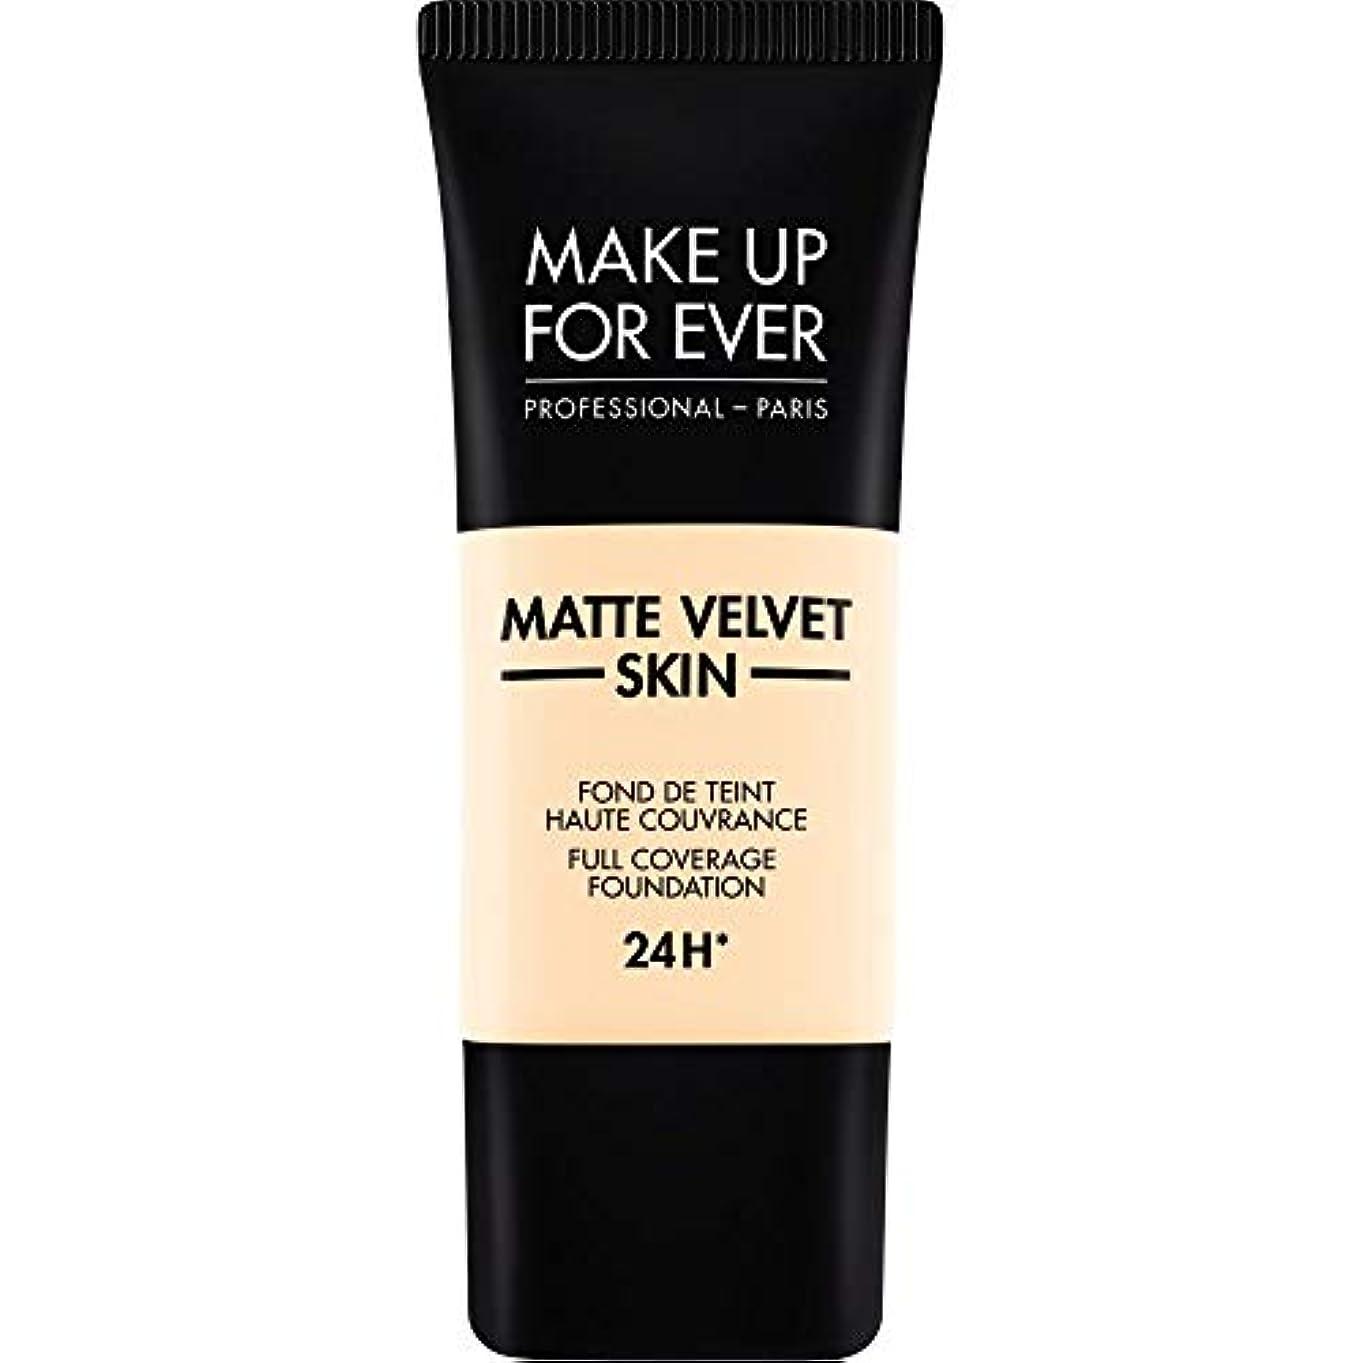 借りる通り抜ける異邦人[MAKE UP FOR EVER] これまでマットベルベットの皮膚のフルカバレッジ基礎30ミリリットルのY205を補う - アラバスター - MAKE UP FOR EVER Matte Velvet Skin Full...